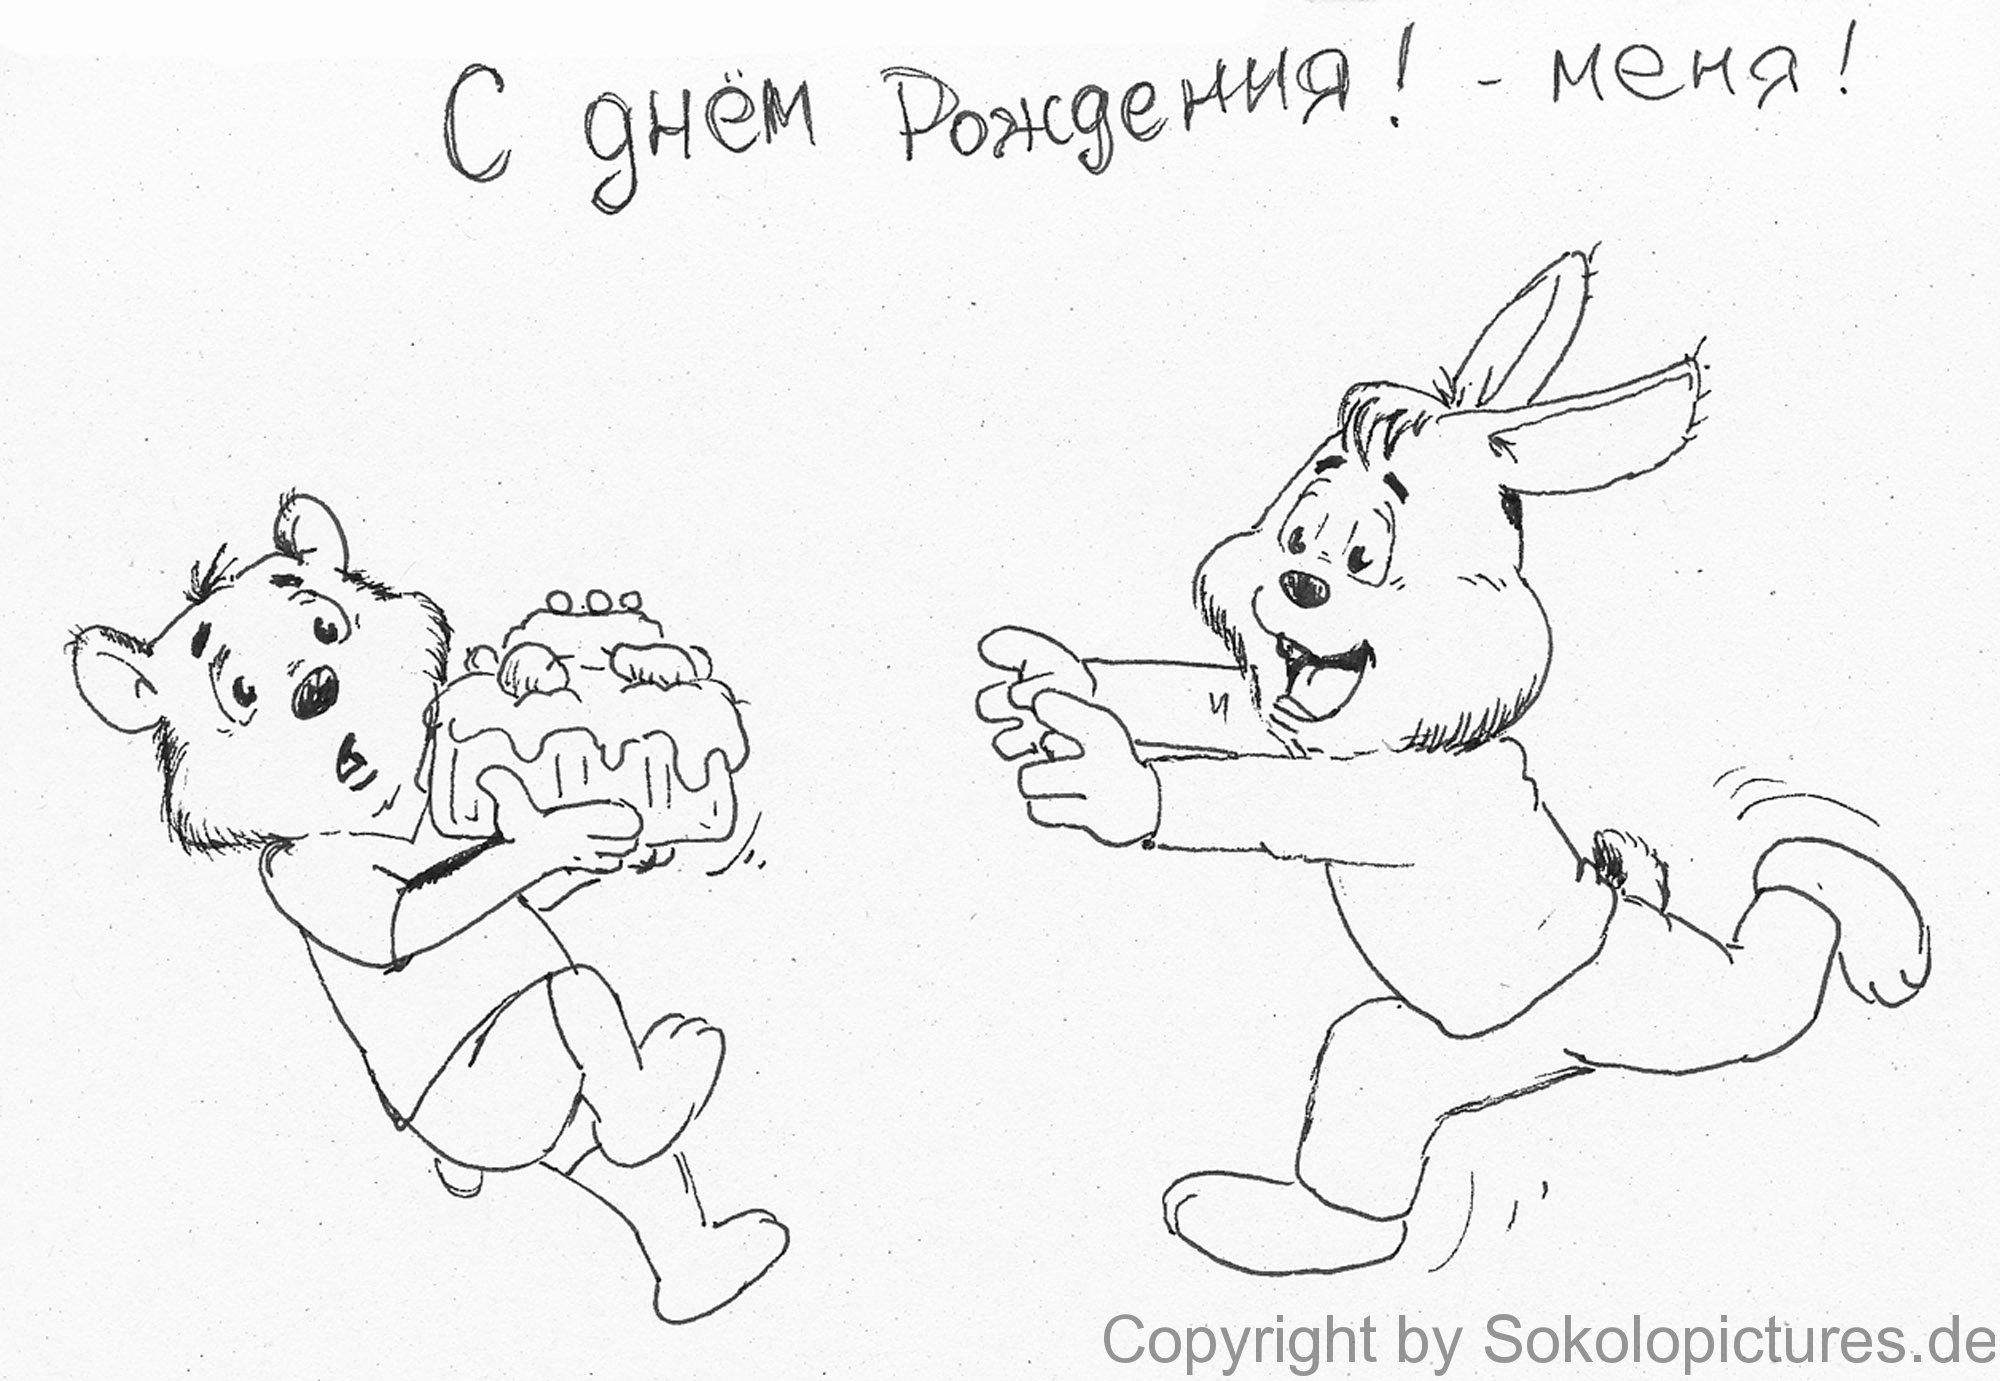 karikatur020